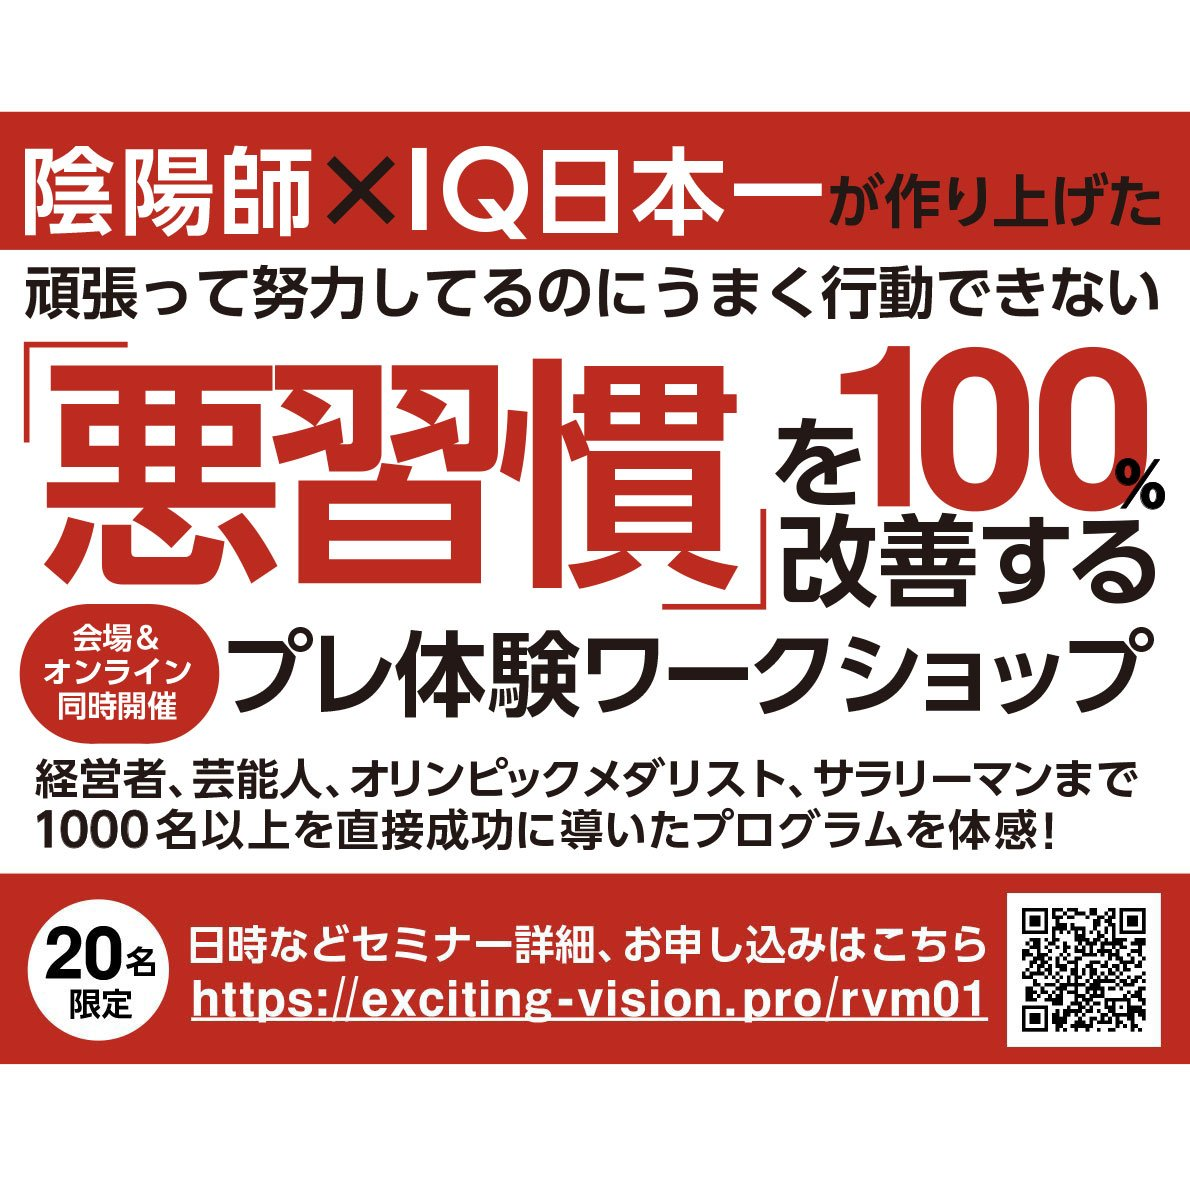 [早割]陰陽師、IQ日本一が作り上げた、頑張って努力してるのにうまく行動できない「悪習慣」を100%改善する~プレ体験~ワークショップのイメージその1